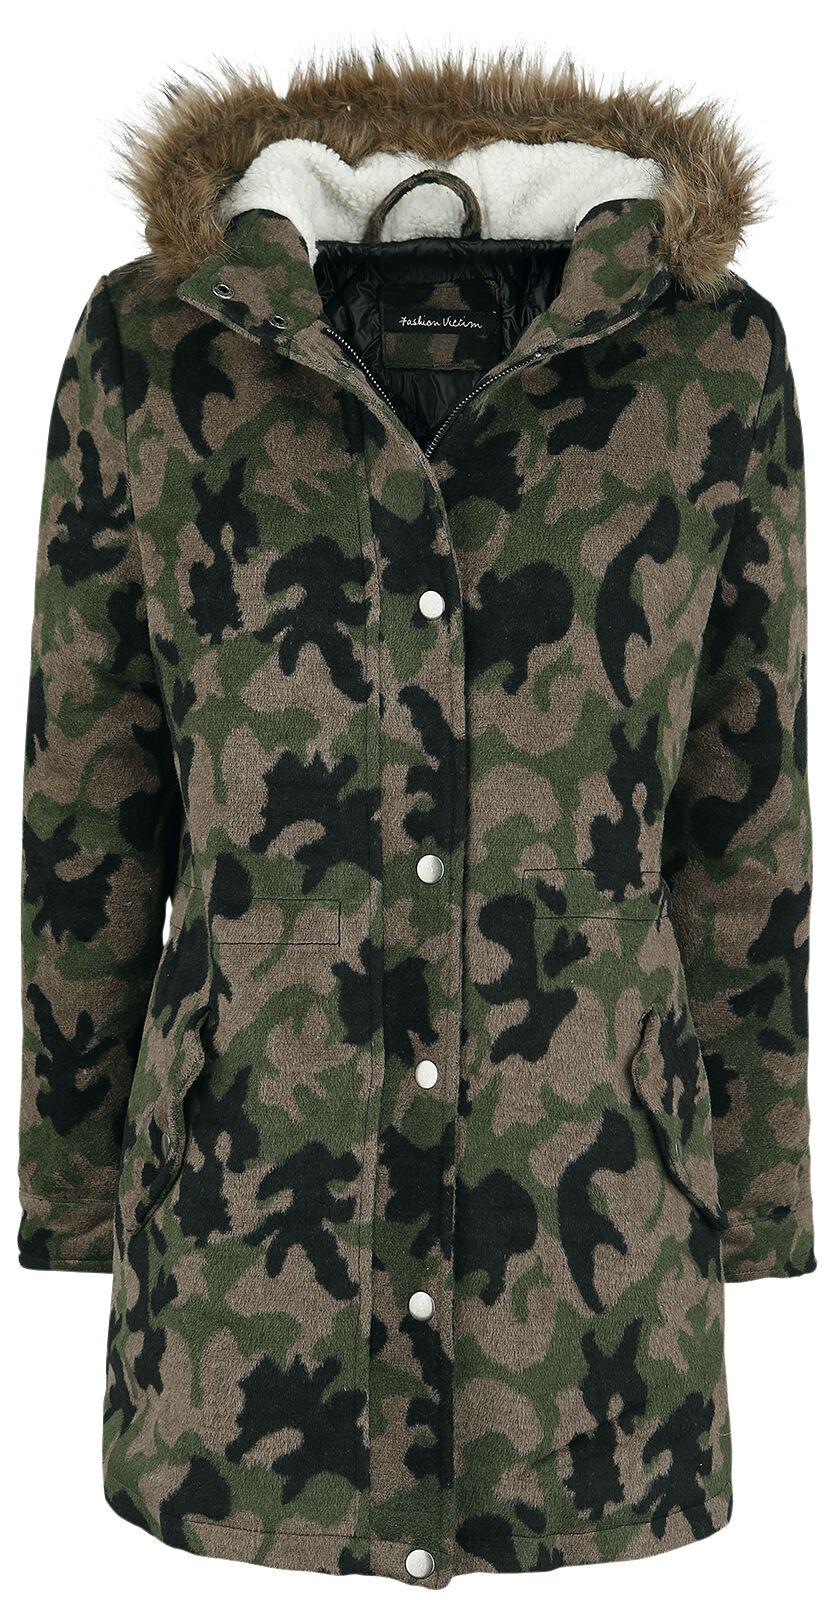 Image of   Fashion Victim Camouflage Parka Girlie jakke camouflage